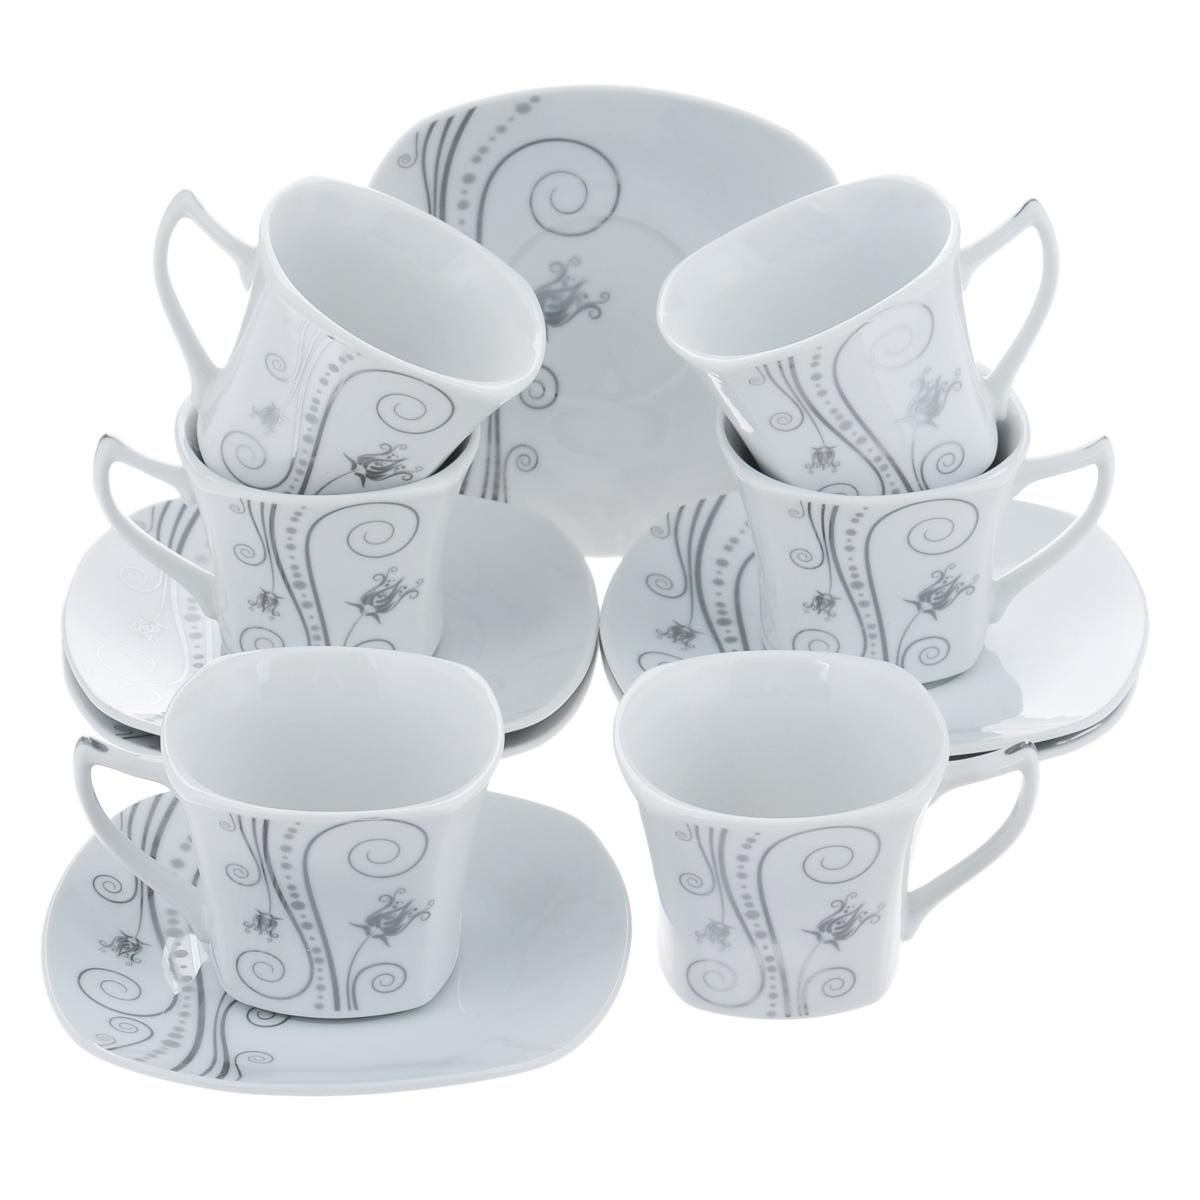 Набор чайный Bekker, 12 предметов. BK-5983VT-1520(SR)Чайный набор Bekker состоит из шести чашек и шести блюдец. Предметы набора изготовлены из высококачественного фарфора белого цвета и украшены серебристой эмалью. Изящный орнамент придает набору стильный внешний вид. Чайный набор роскошного дизайна украсит интерьер кухни. Прекрасно подойдет как для торжественных случаев, так и для ежедневного использования.Набор упакован в подарочную картонную коробку золотистого цвета. Подходит для мытья в посудомоечной машине. Объем чашки: 150 мл. Размер чашки (по верхнему краю): 8 см х 8 см. Высота чашки: 6,5 см. Размер блюдца: 14 см х 14 см.